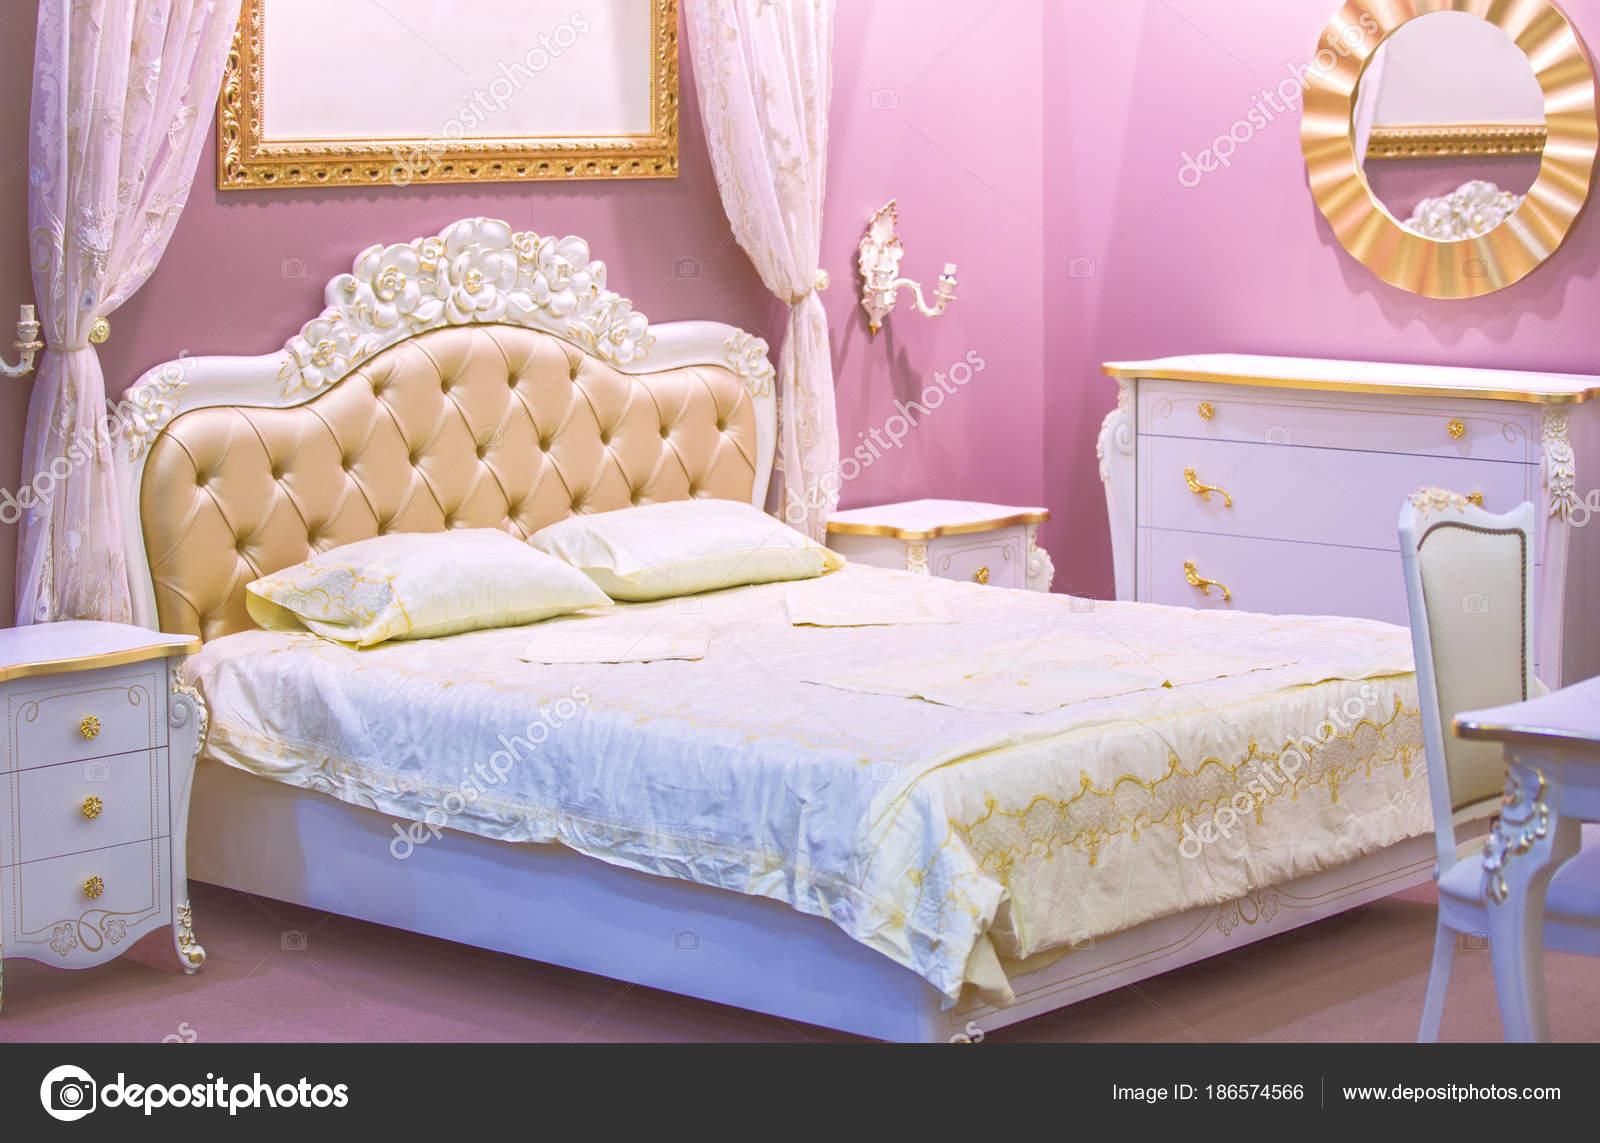 Camera di lusso bianco e rosa in stile antico con ricche decorazioni ...